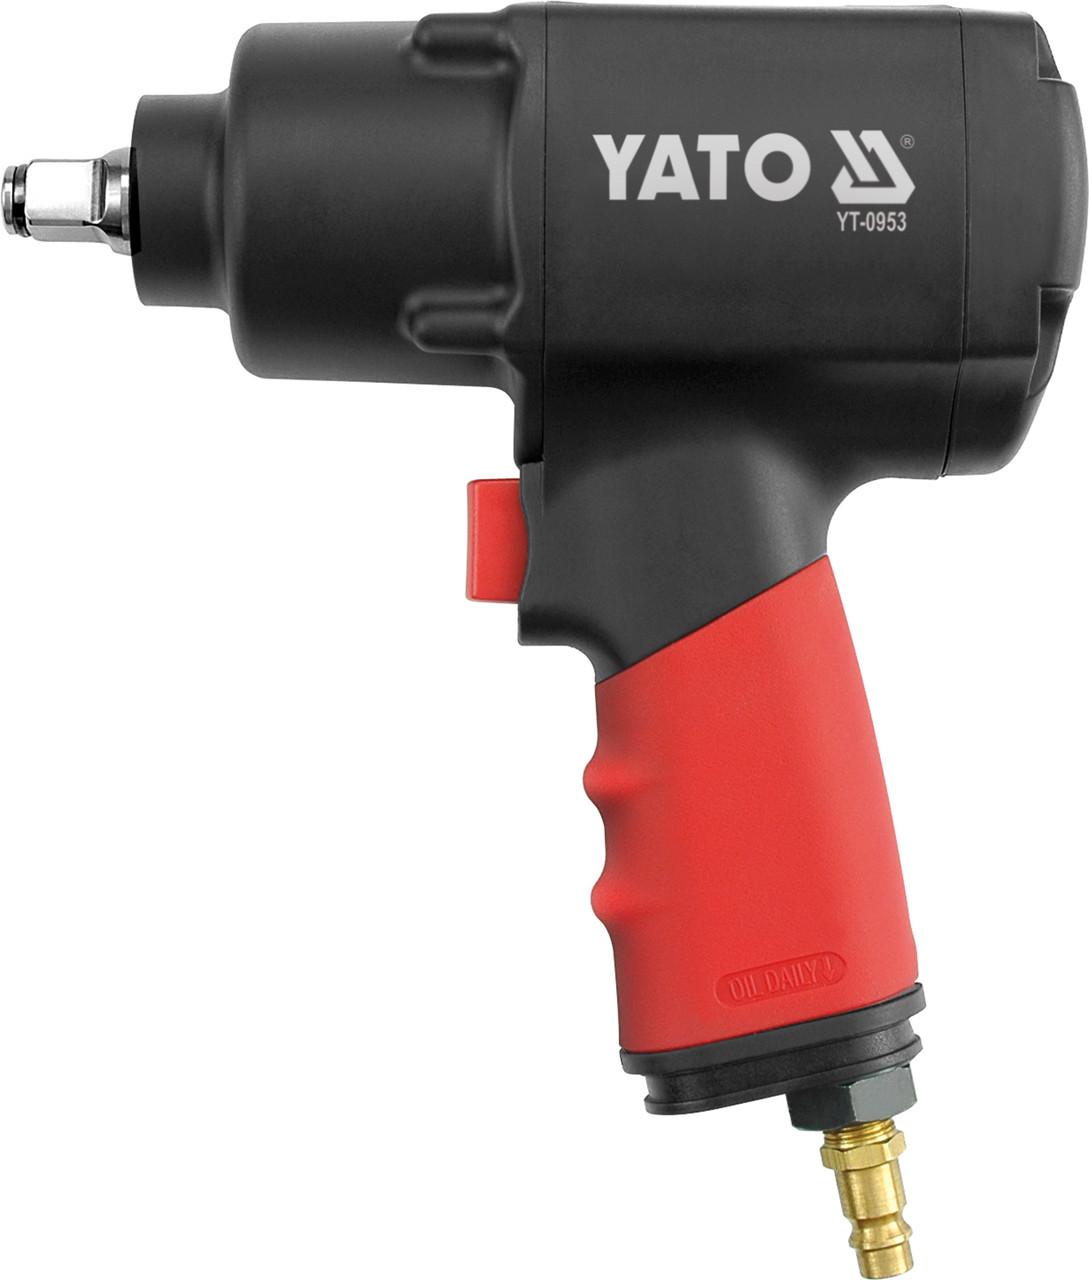 Пневматический гайковерт Yato YT-0953 1356 Nm